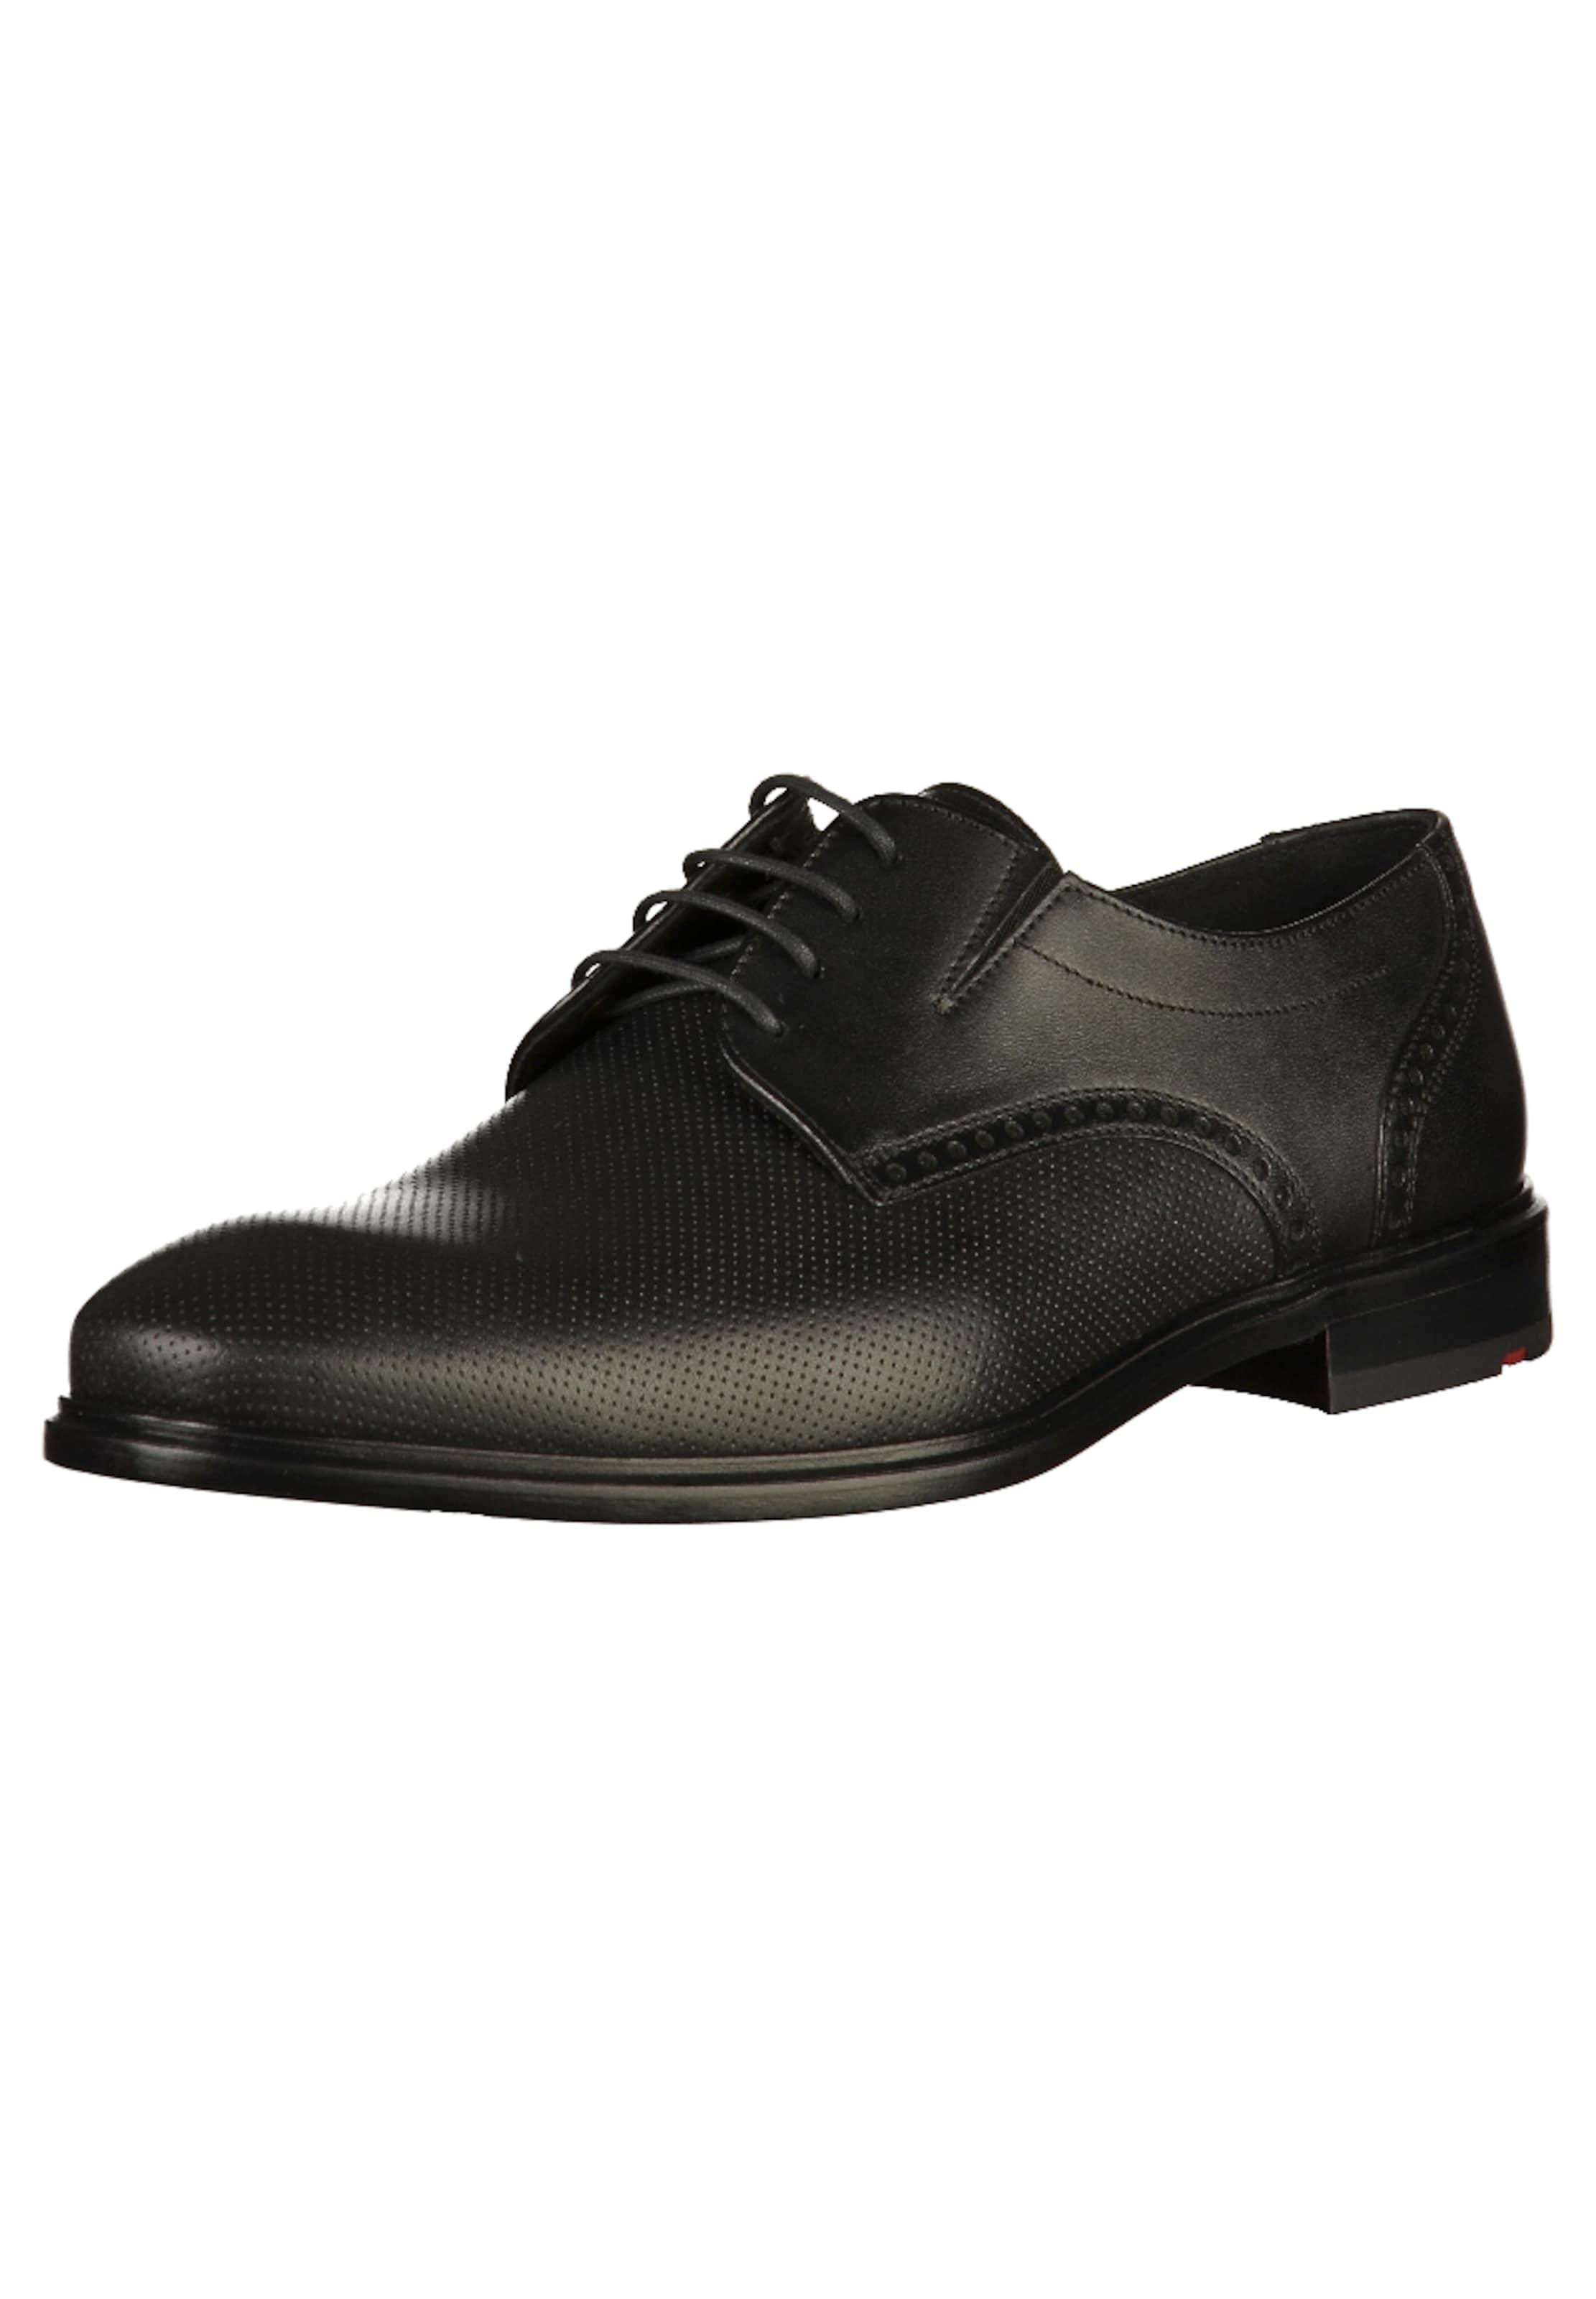 LLOYD Businessschuhe Günstige und langlebige Schuhe